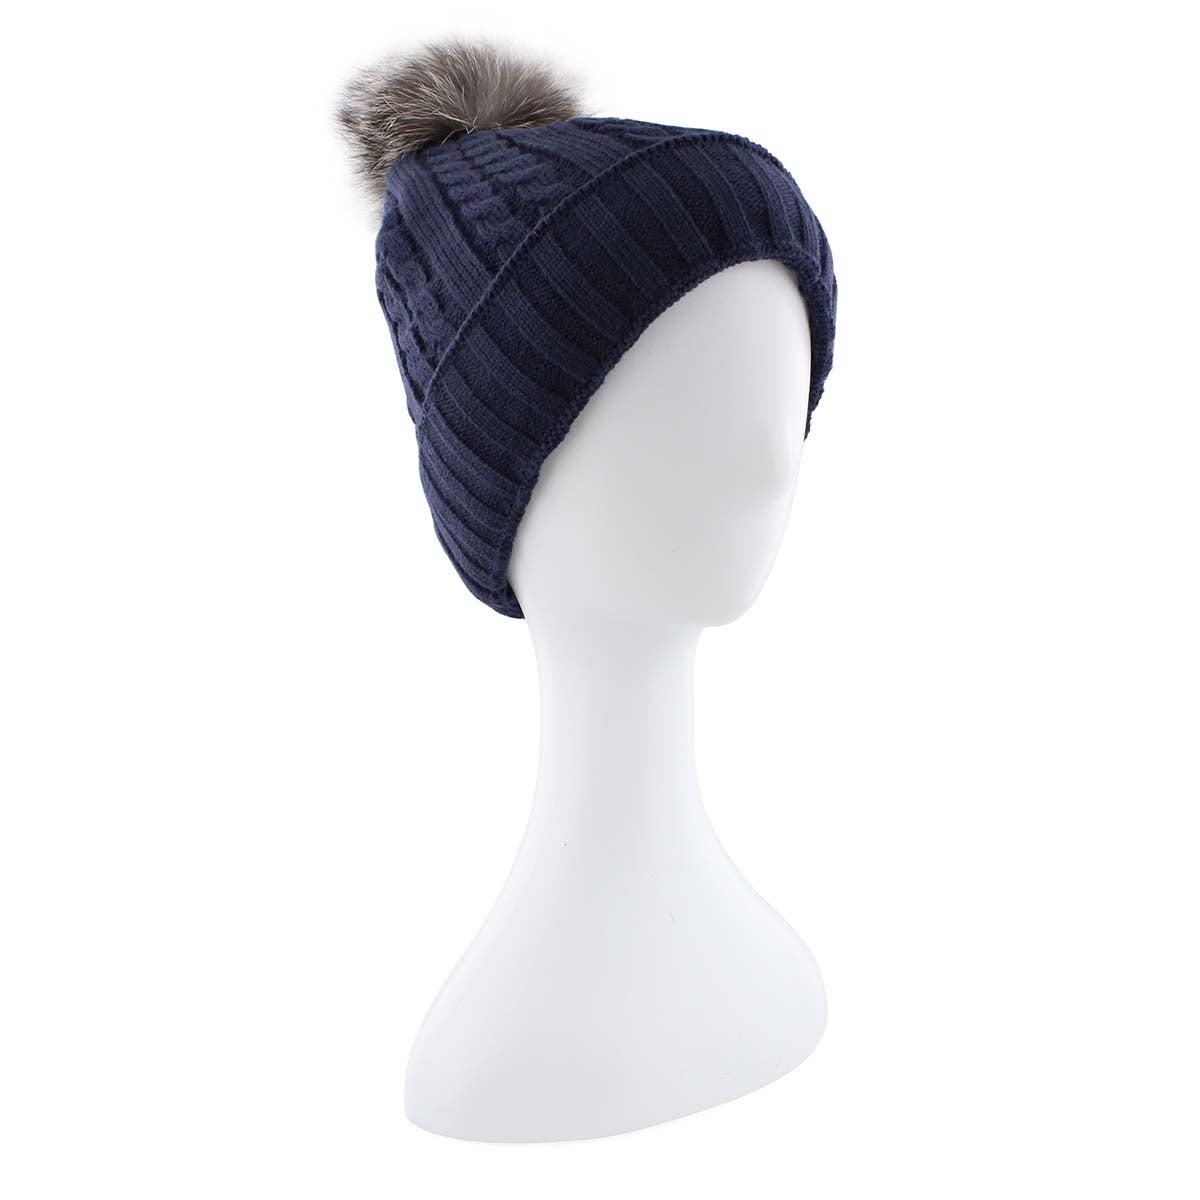 Women's navy with fur pom pom cable stitch hats